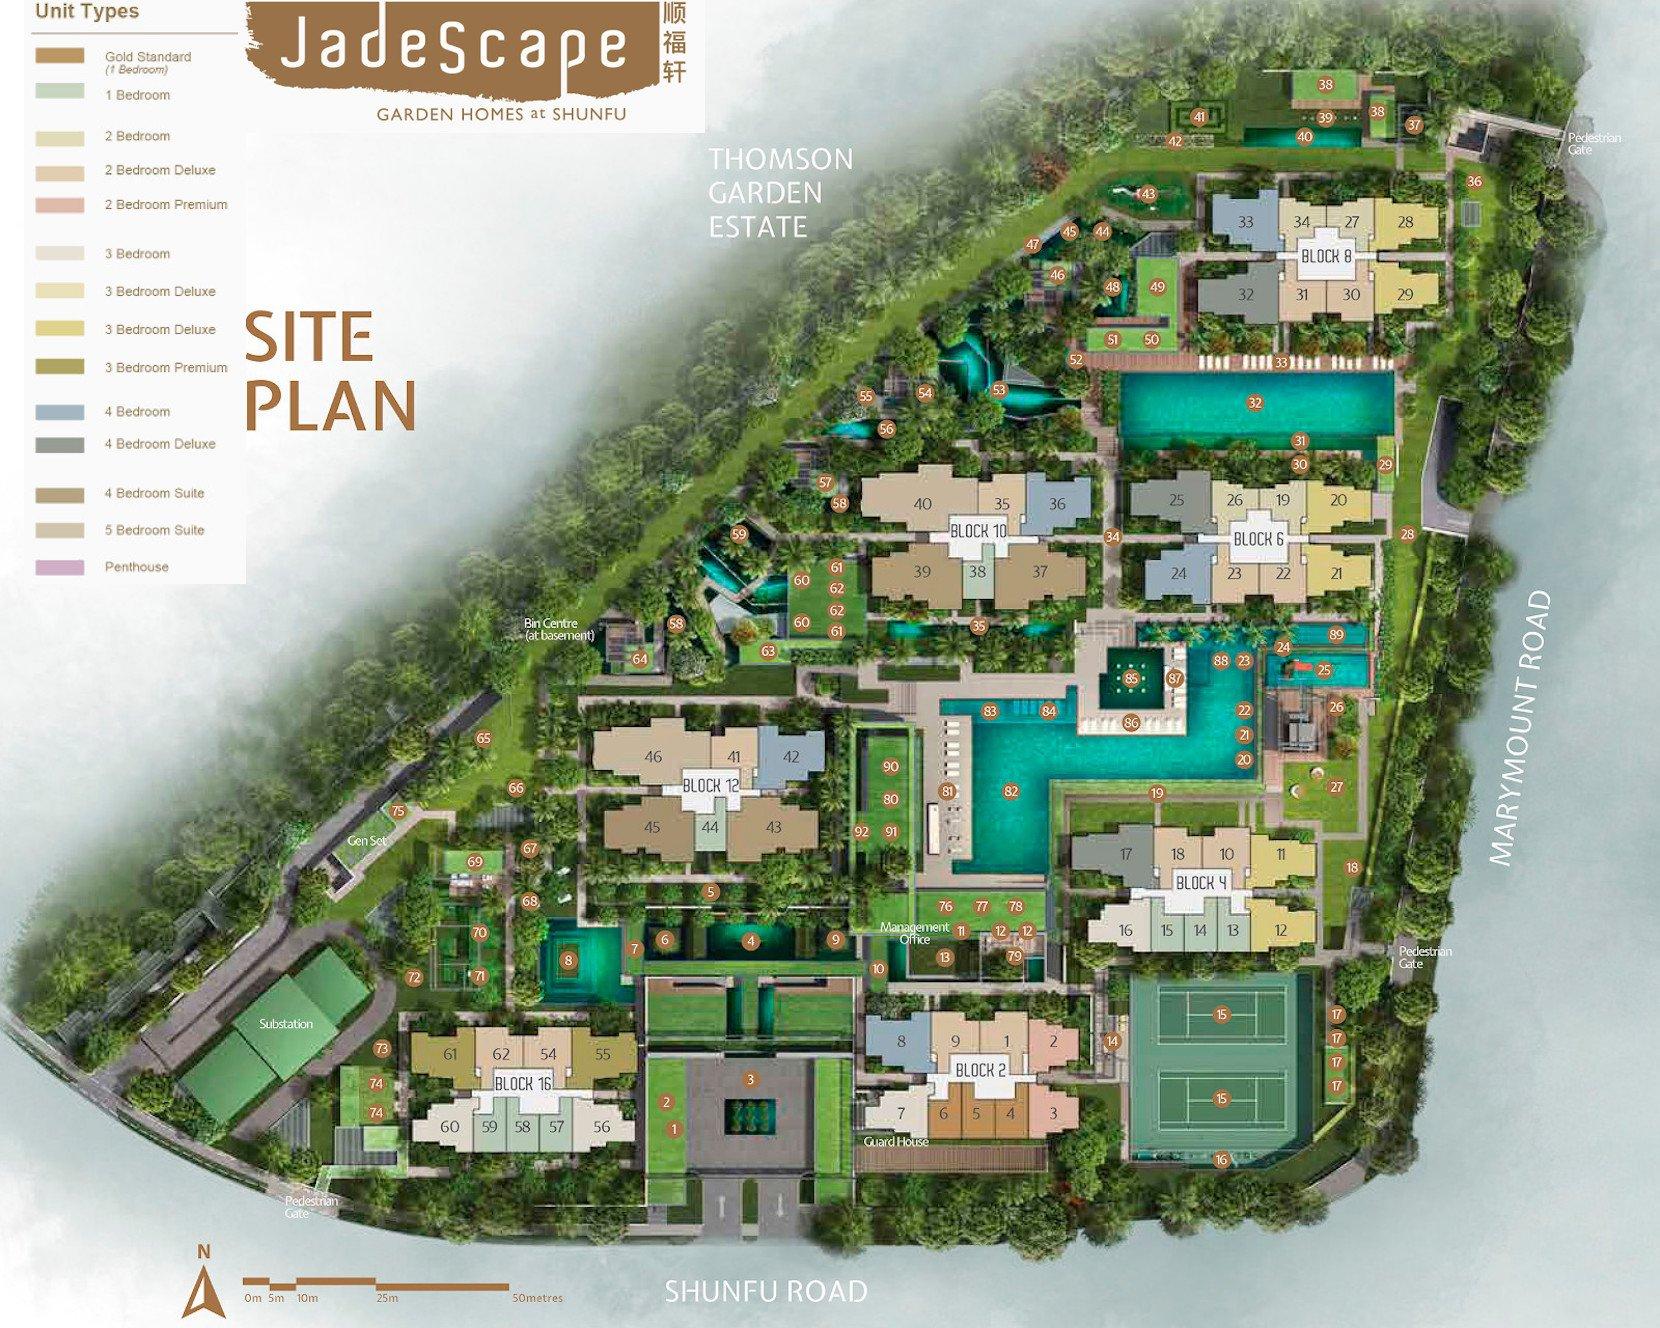 JadeScape Site Plan landscape facilities unit mix